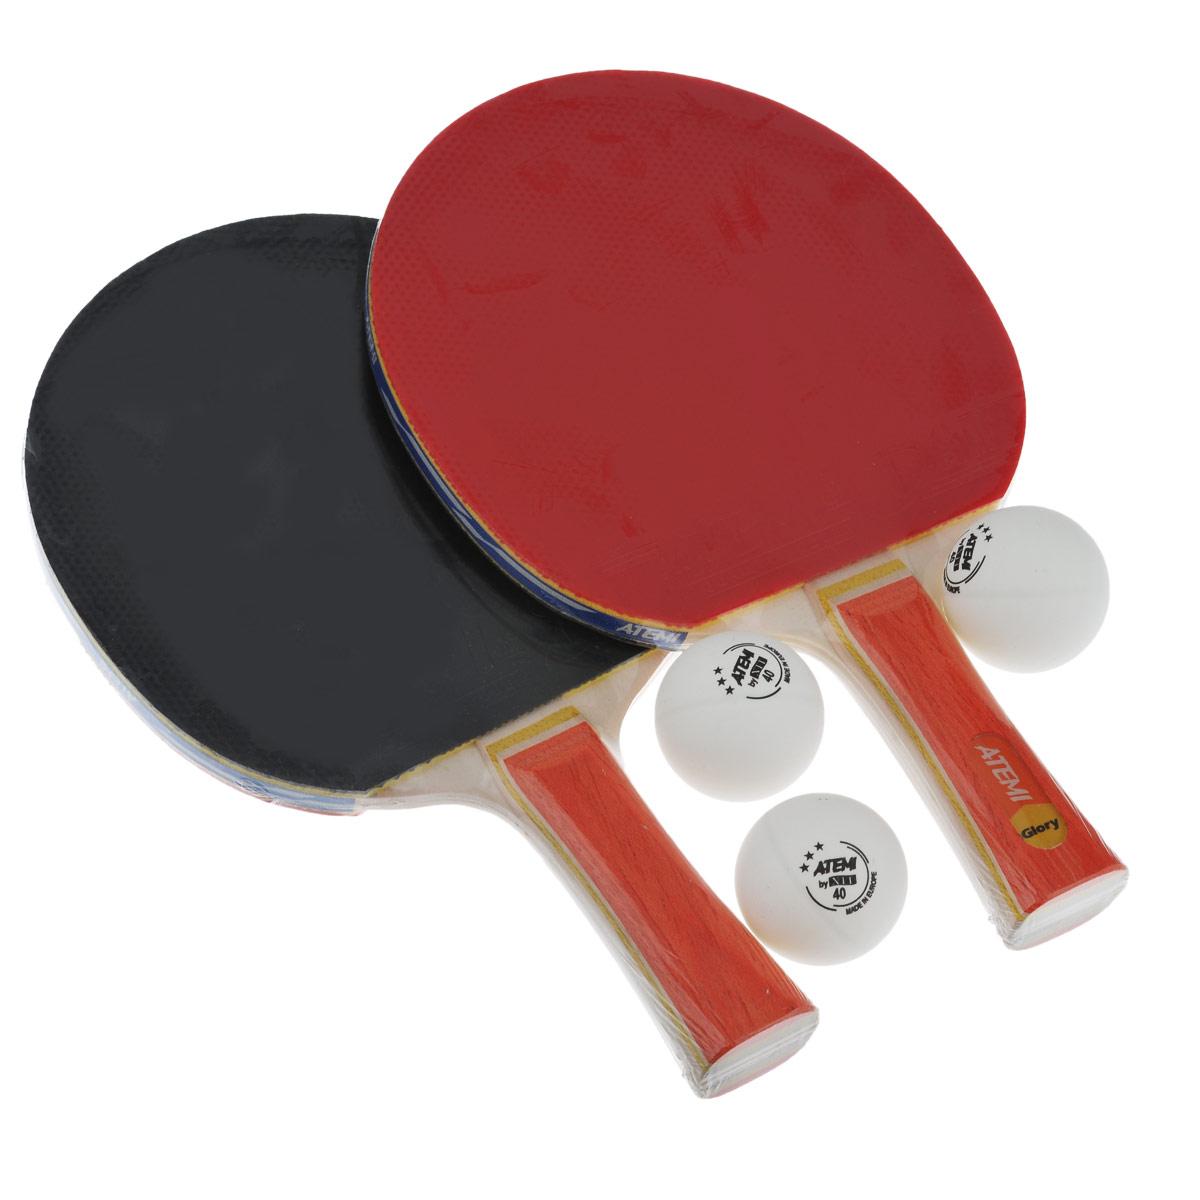 """Набор для настольного тенниса Atemi """"Glory"""", 5 предметов"""